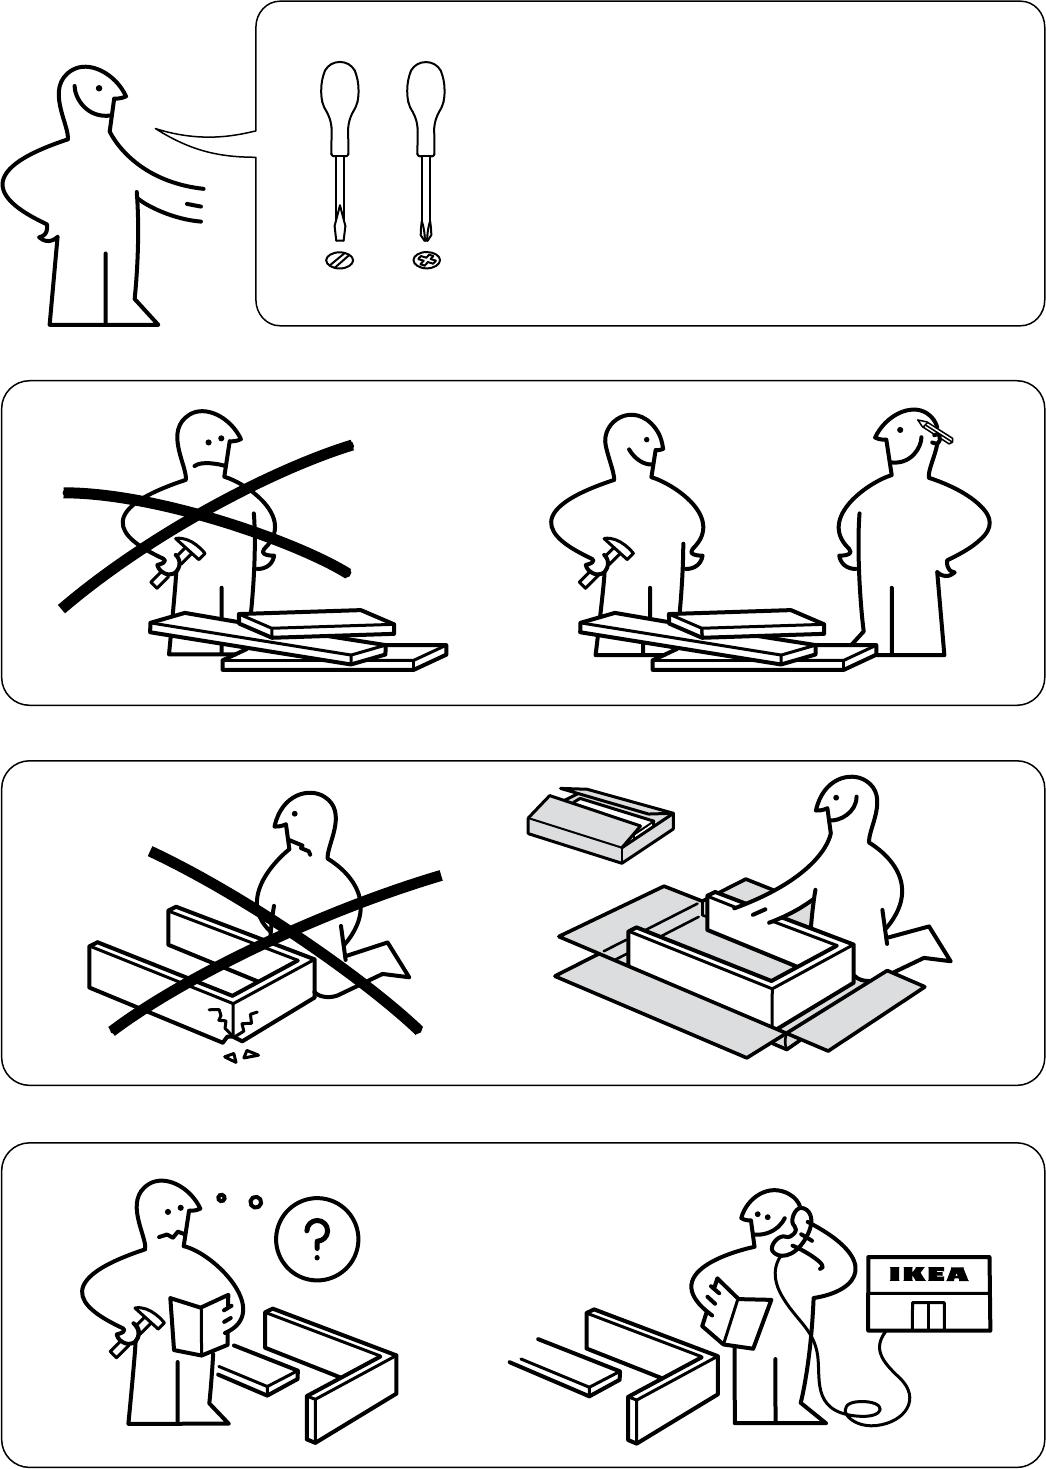 Benno Tv Meubel Ikea.Handleiding Ikea Benno Tv Meubel Op Wielen Pagina 1 Van 12 Alle